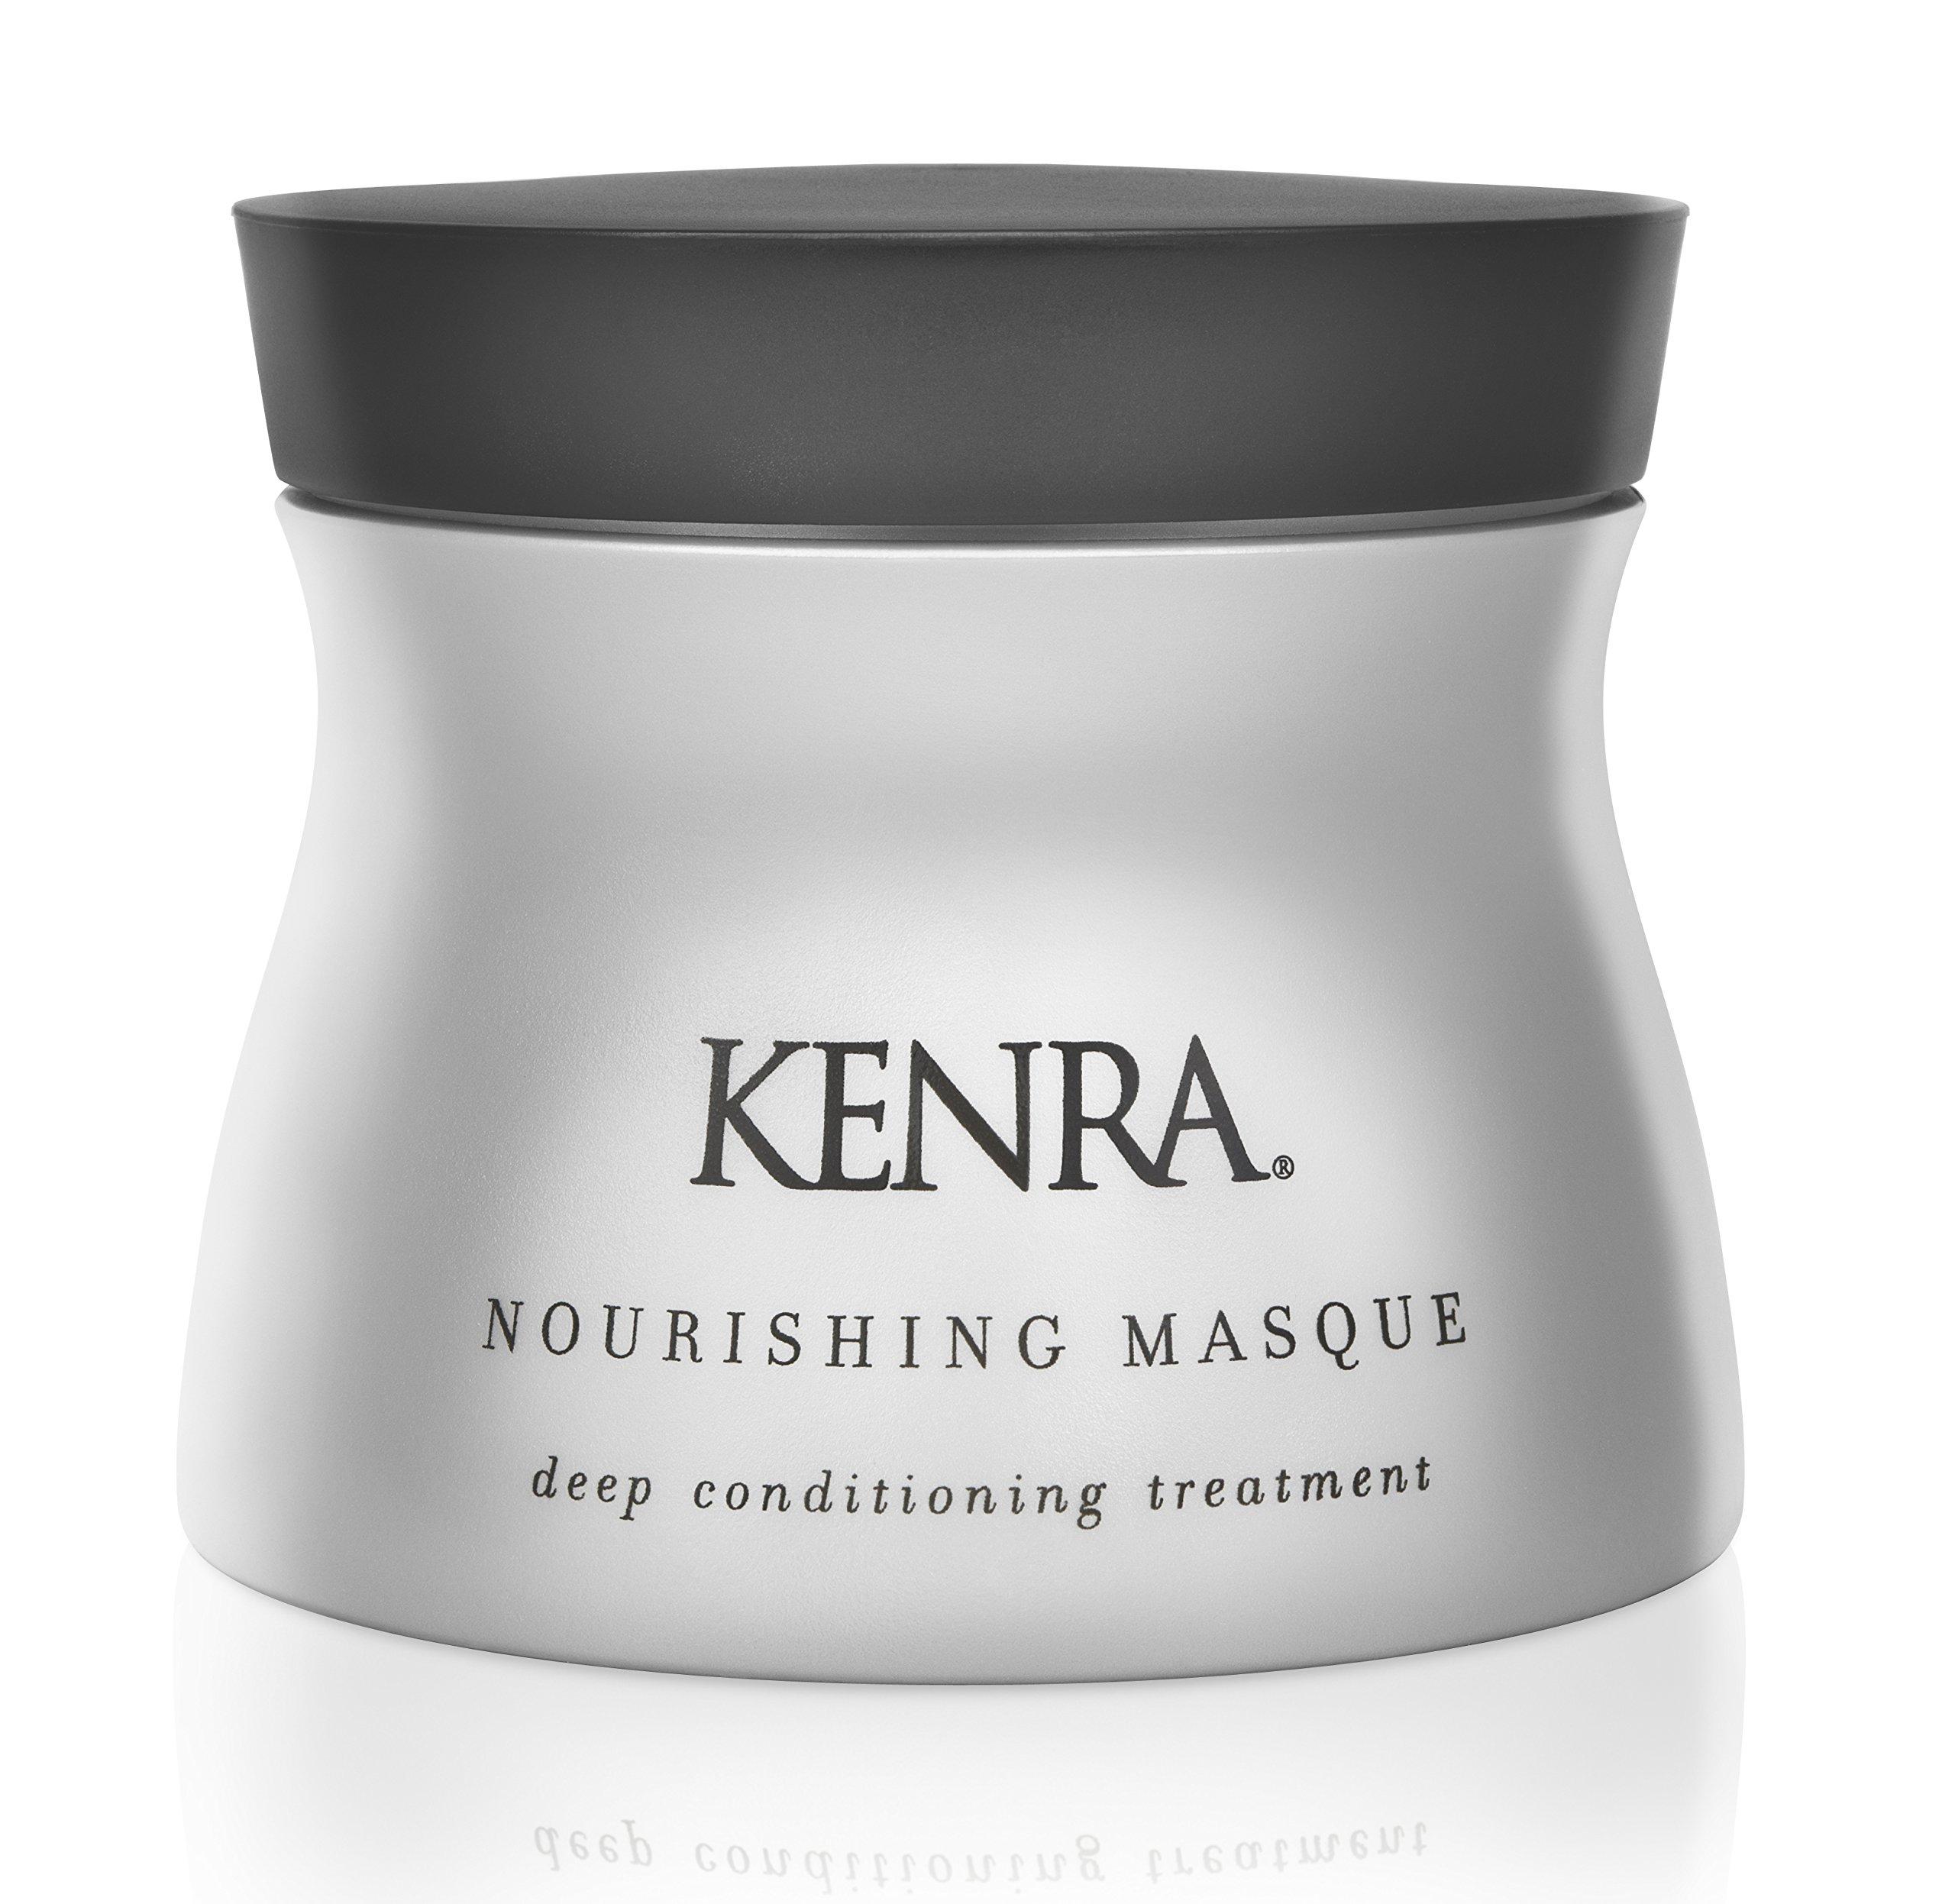 Kenra Nourishing Masque, 5.1-Ounce